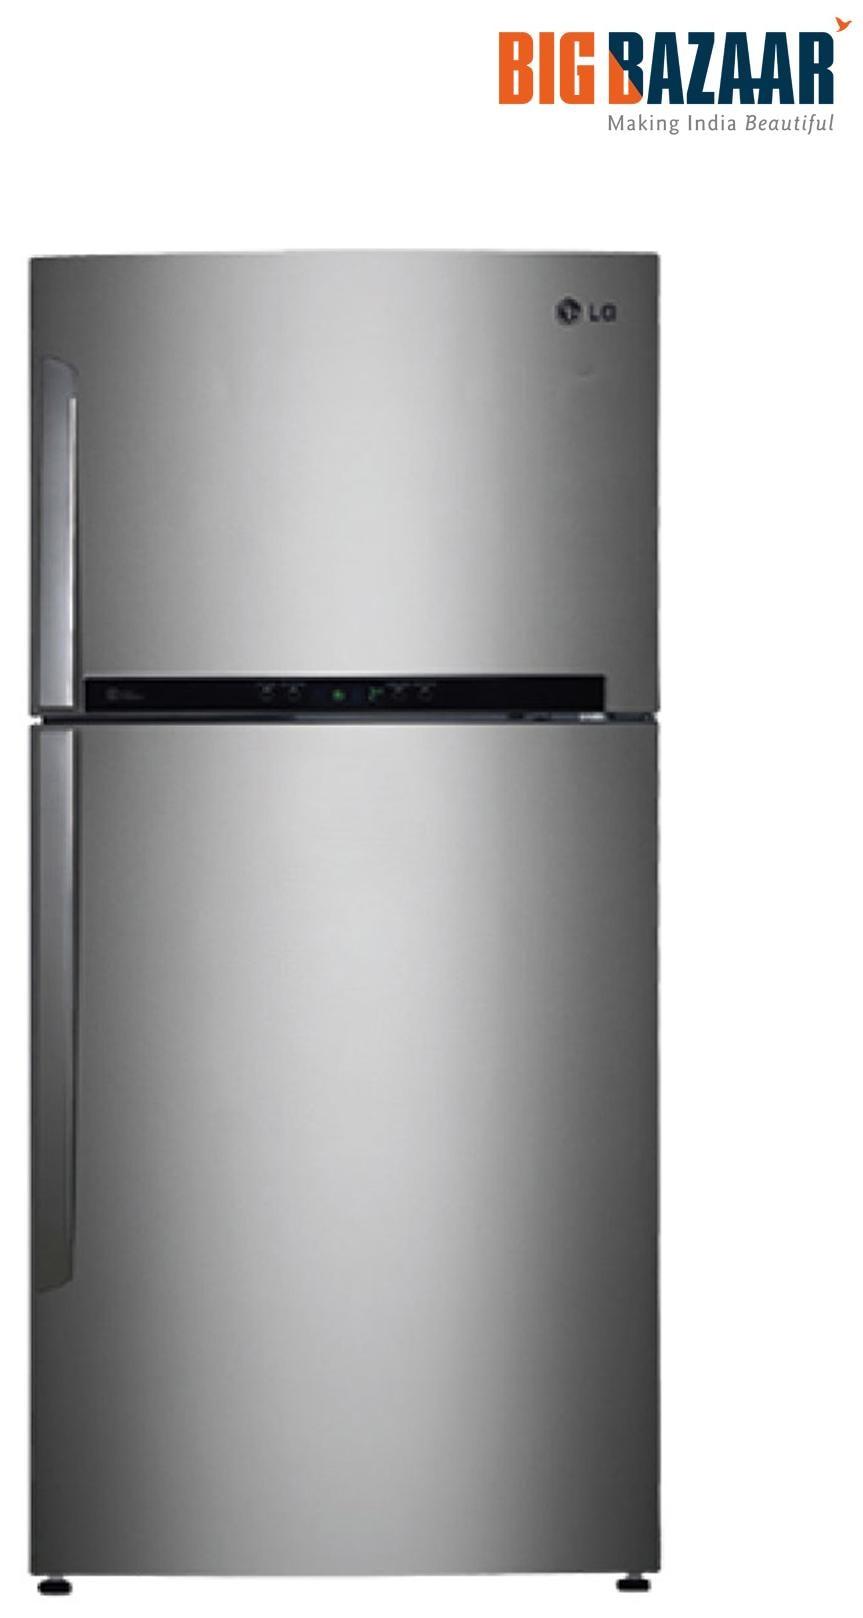 LG GR M772HLHM 606Ltr Double Door Refrigerator